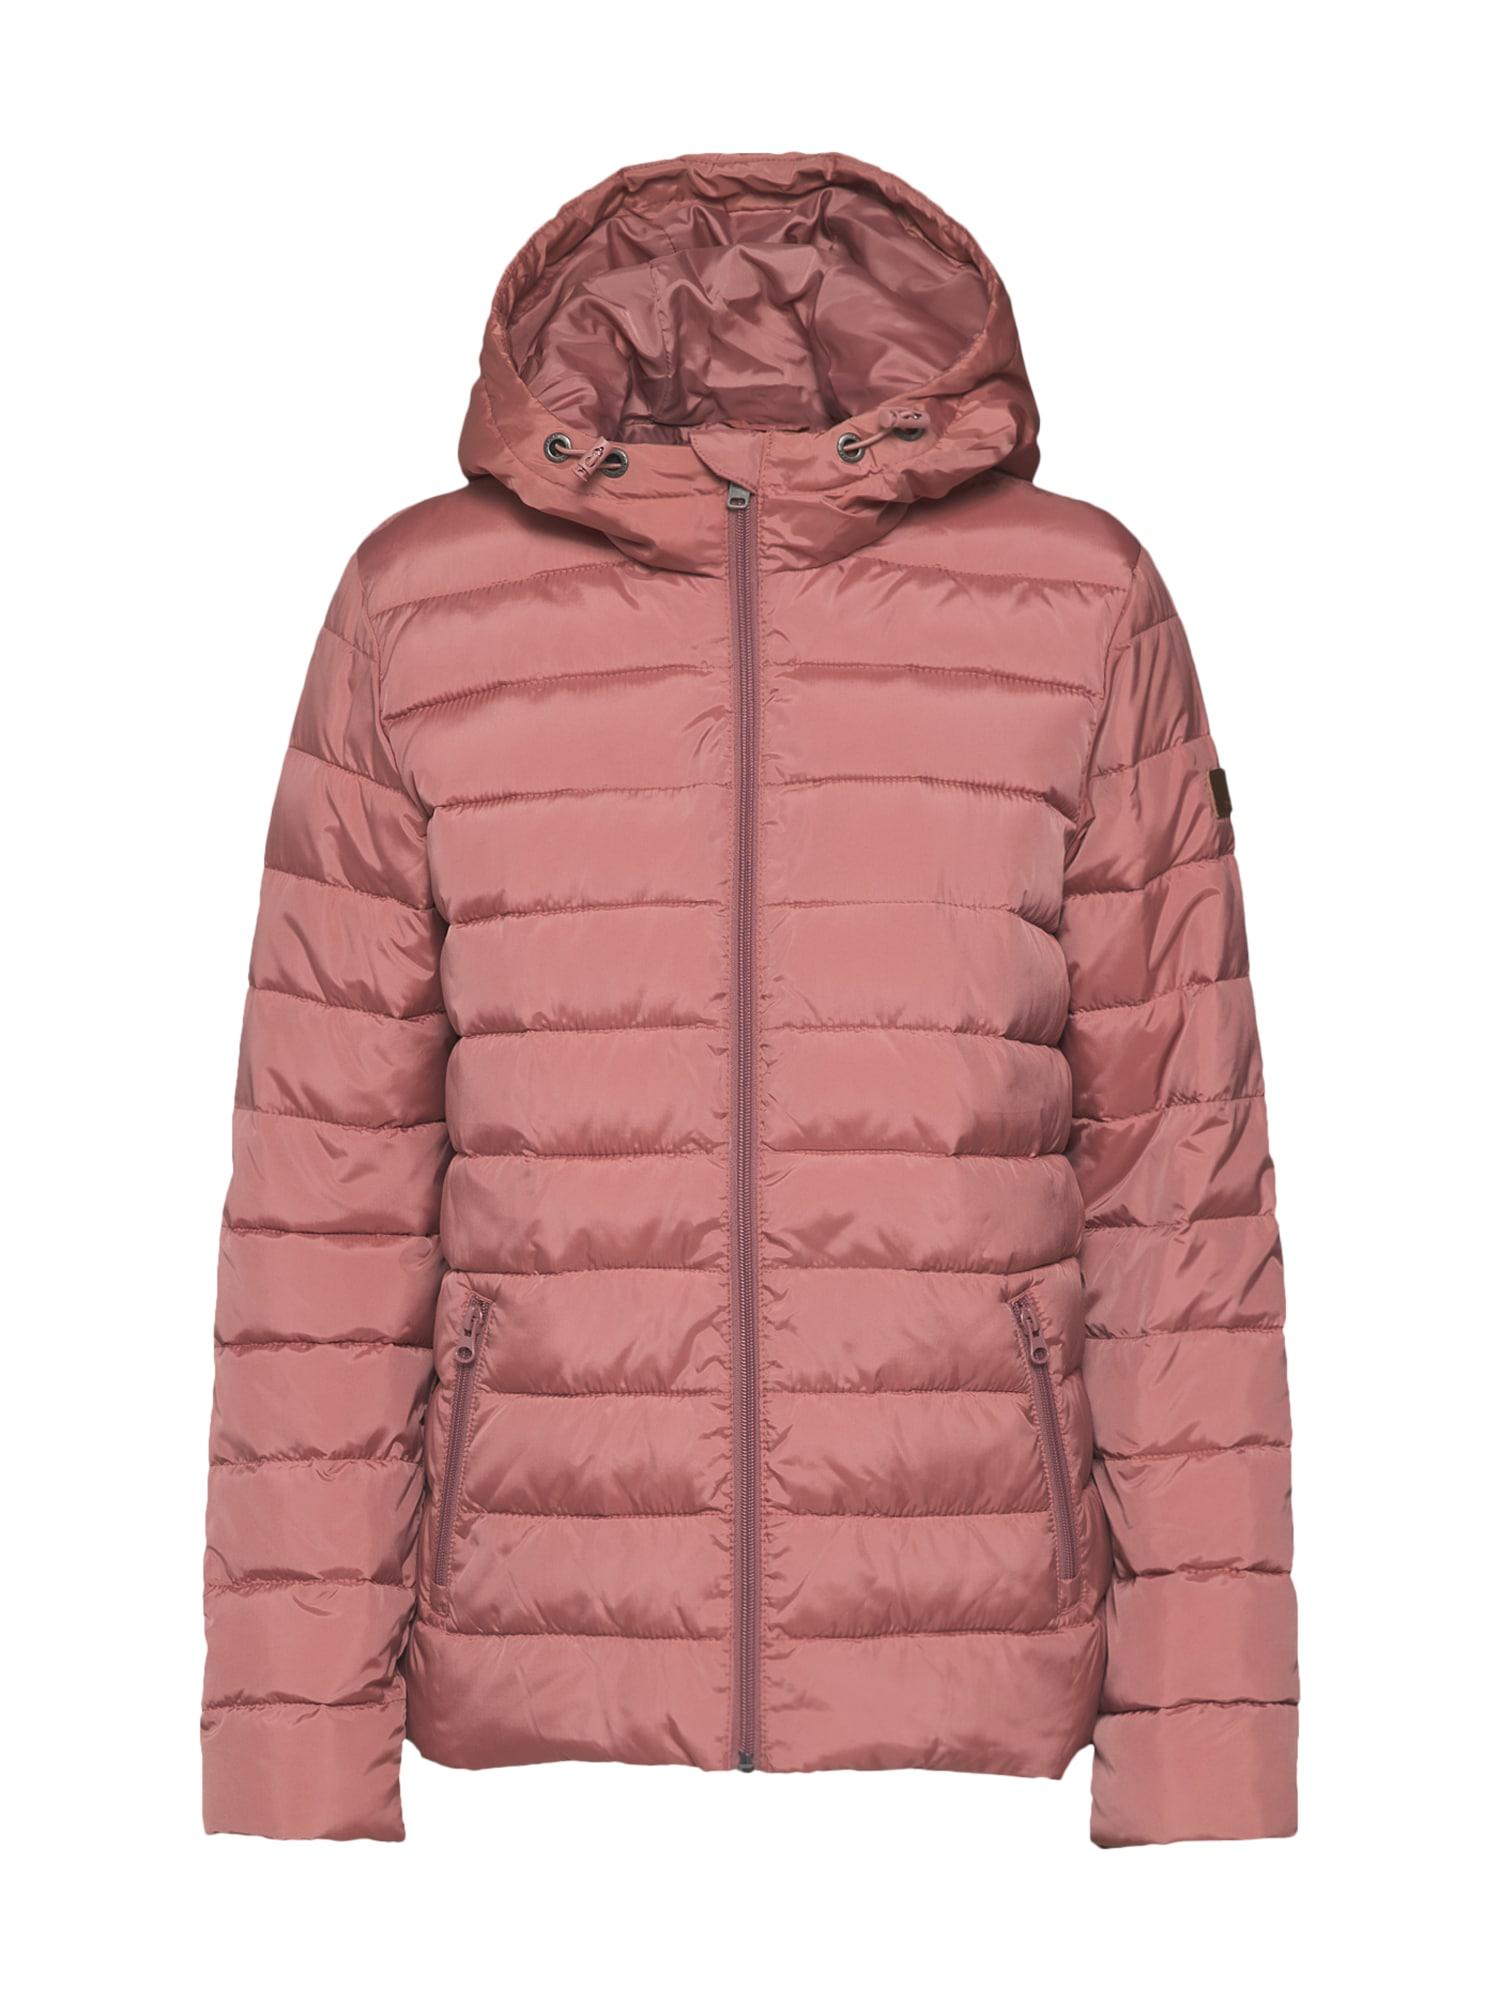 Zimní bunda PEAK růže ROXY